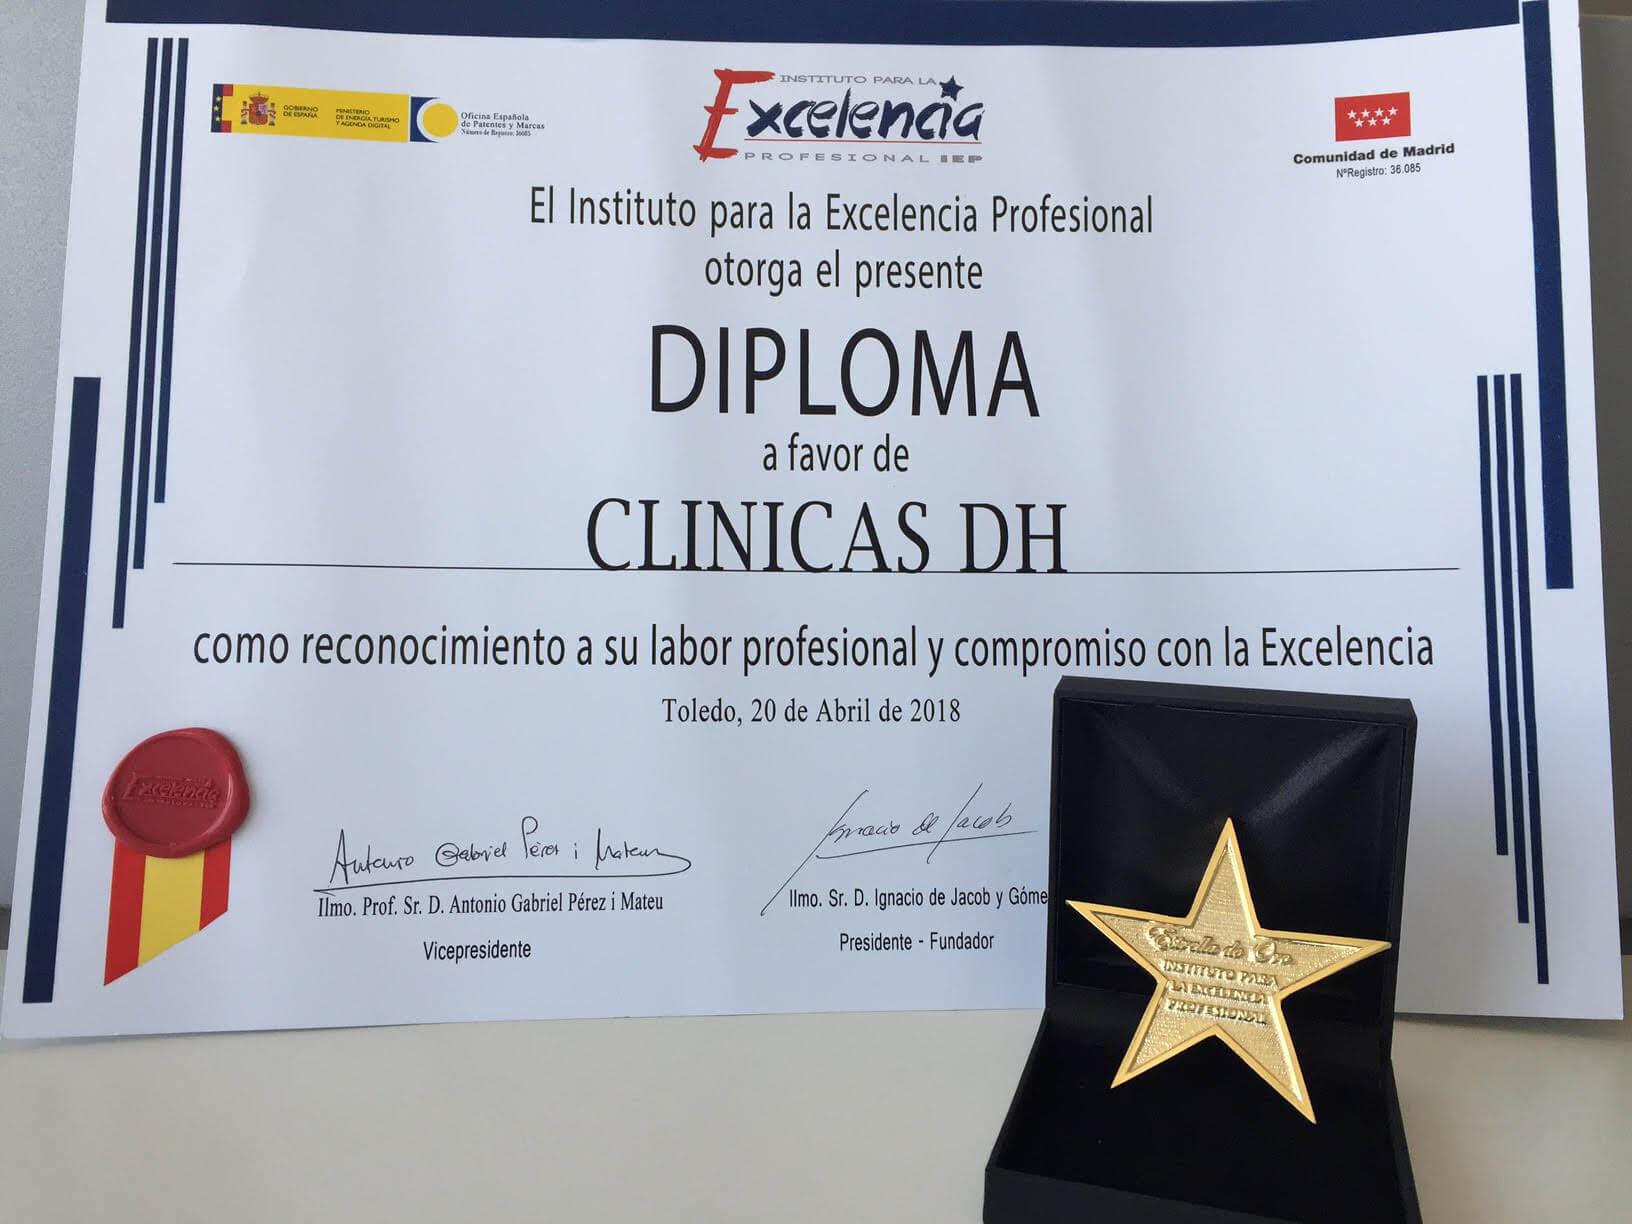 Clínicas DH recibe galardón Estrella de Oro